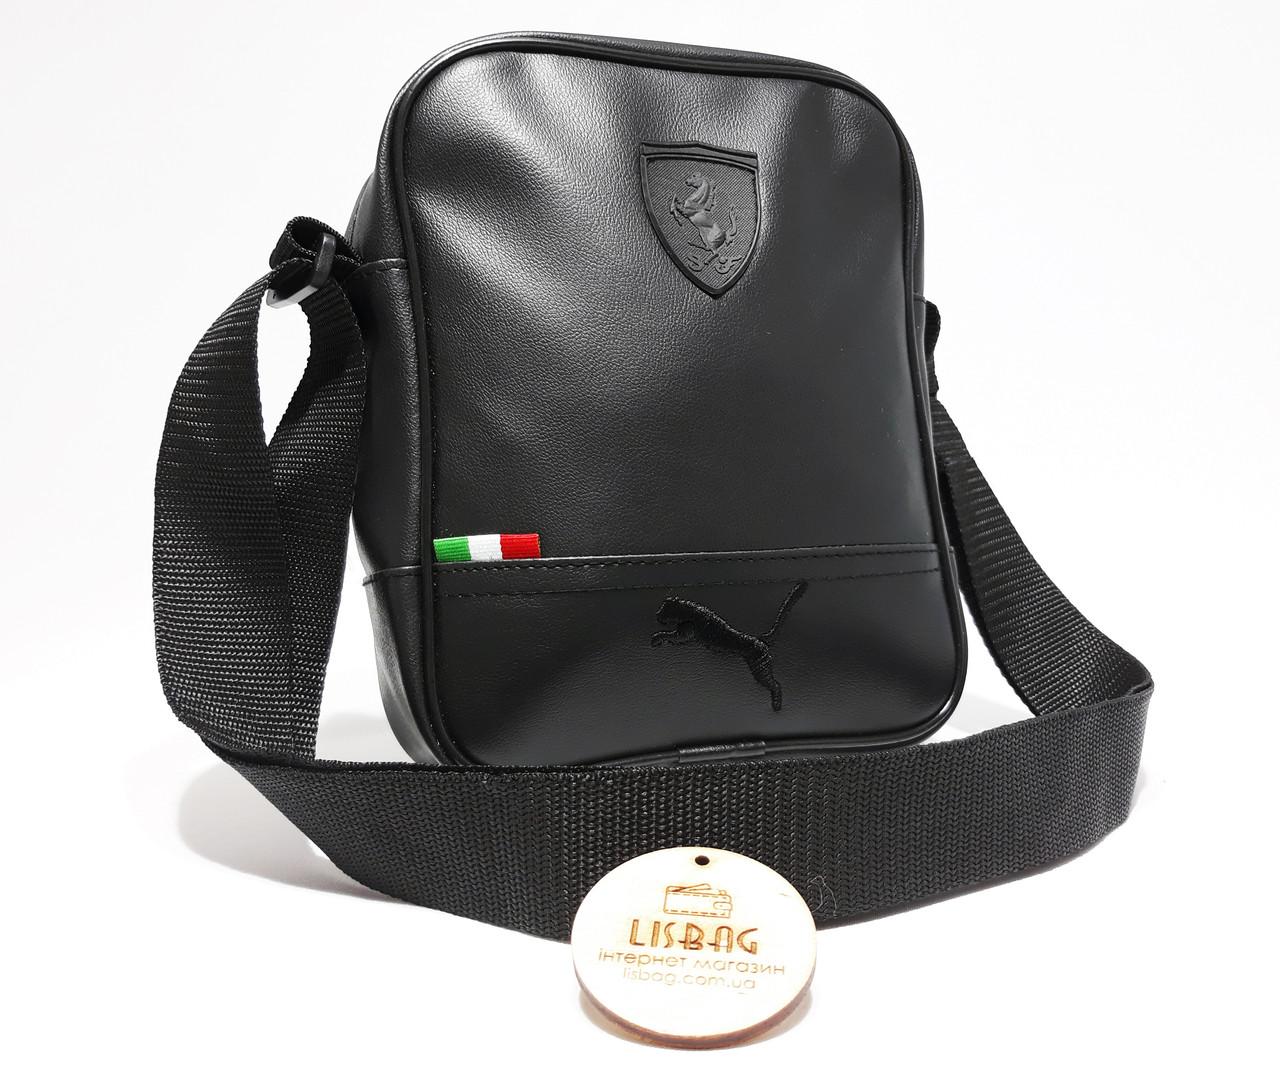 ab49f81e730a Спортивная сумка через плечо Puma реплика люкс качества 2х компонентная  кожа PU - Интернет магазин Lisbag